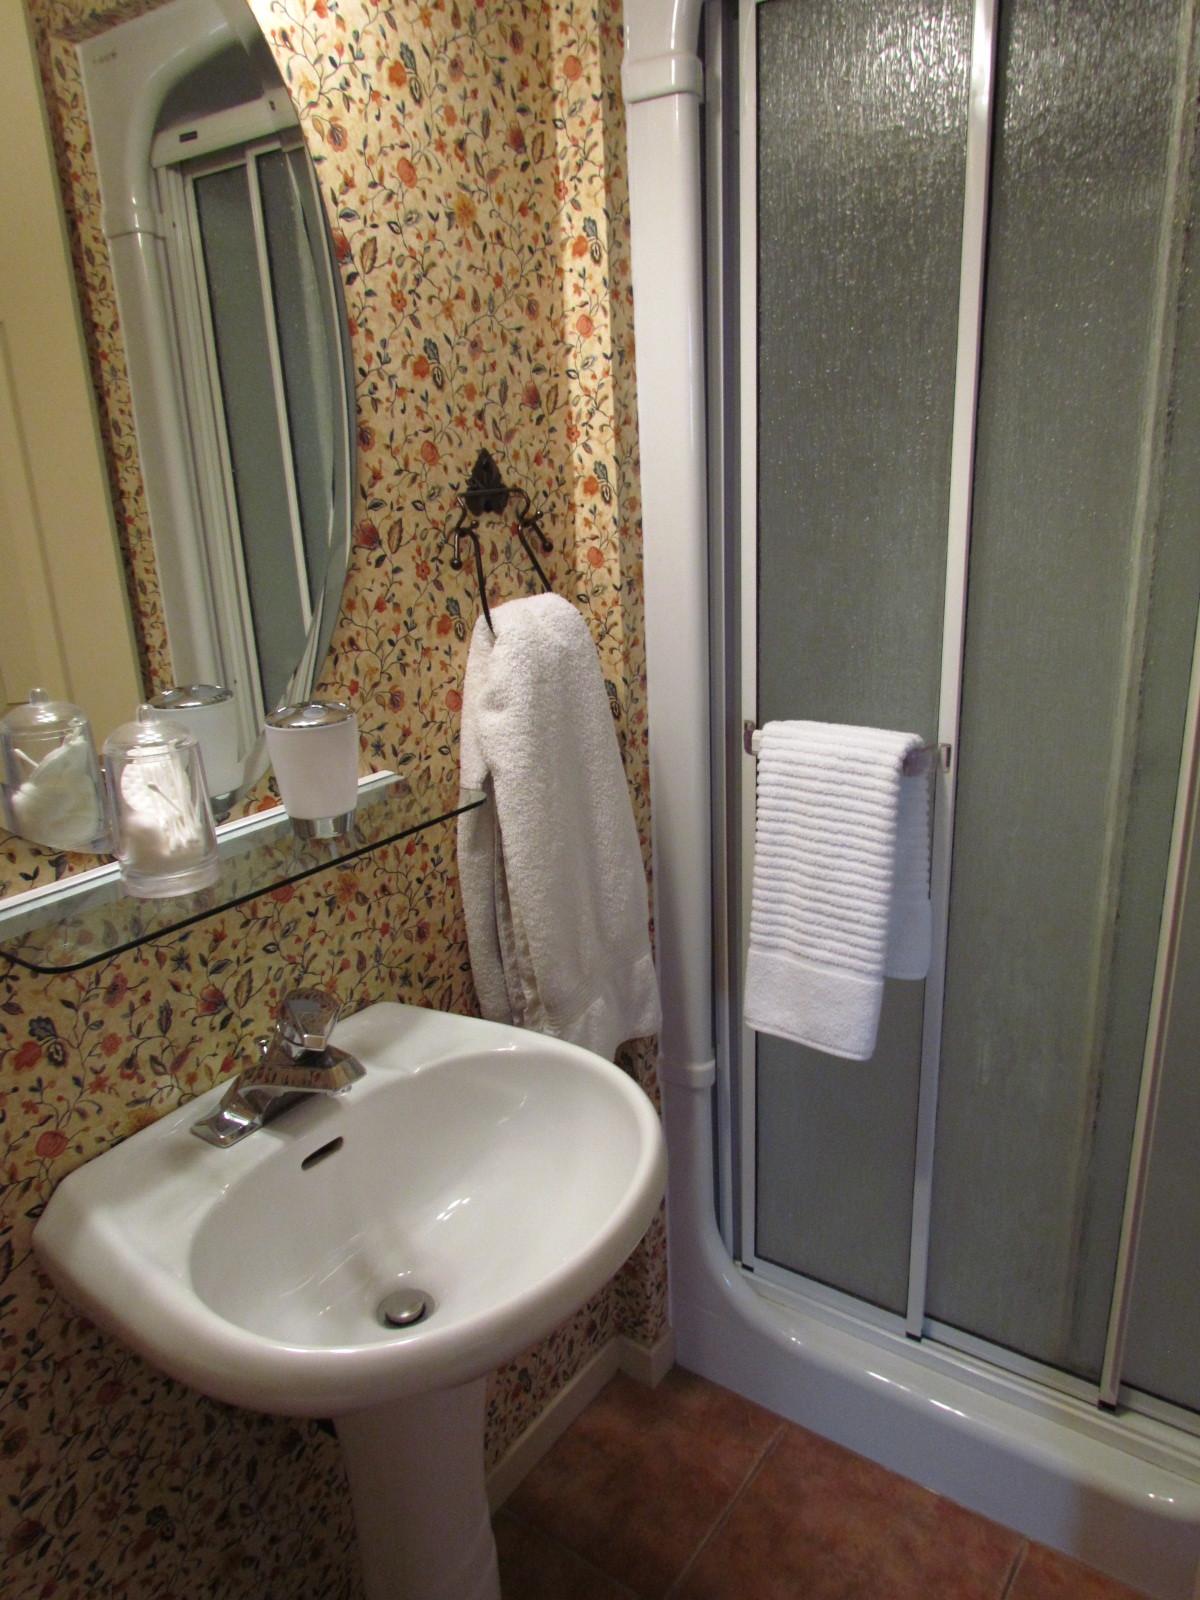 bathroom sink shower mirror bnb b&b